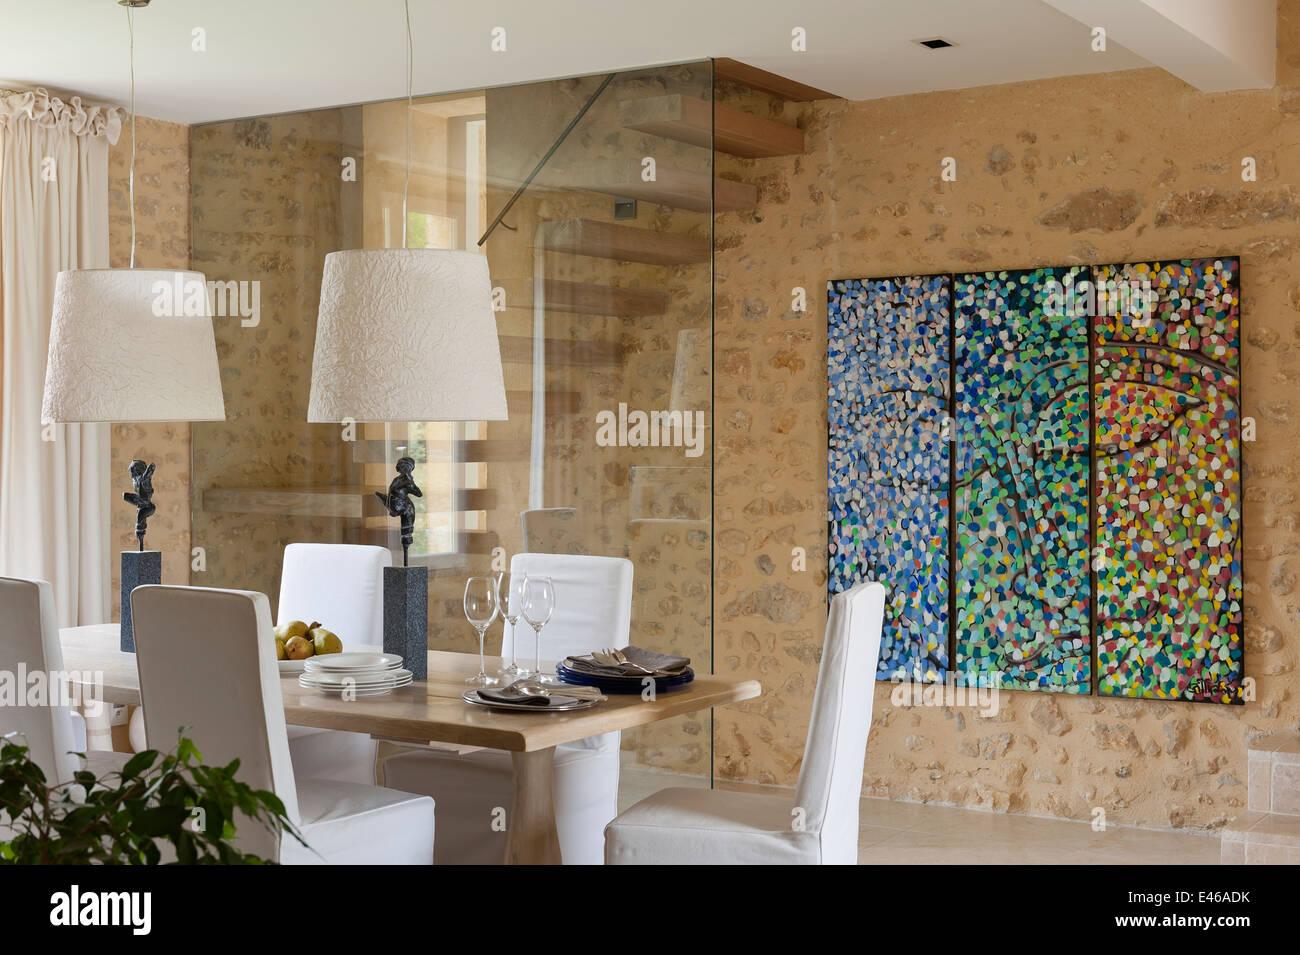 Sala Da Pranzo Con Una Pittura Astratta Su Parete E Tavolo Da Pranzo Con Due Paralumi Foto Stock Alamy